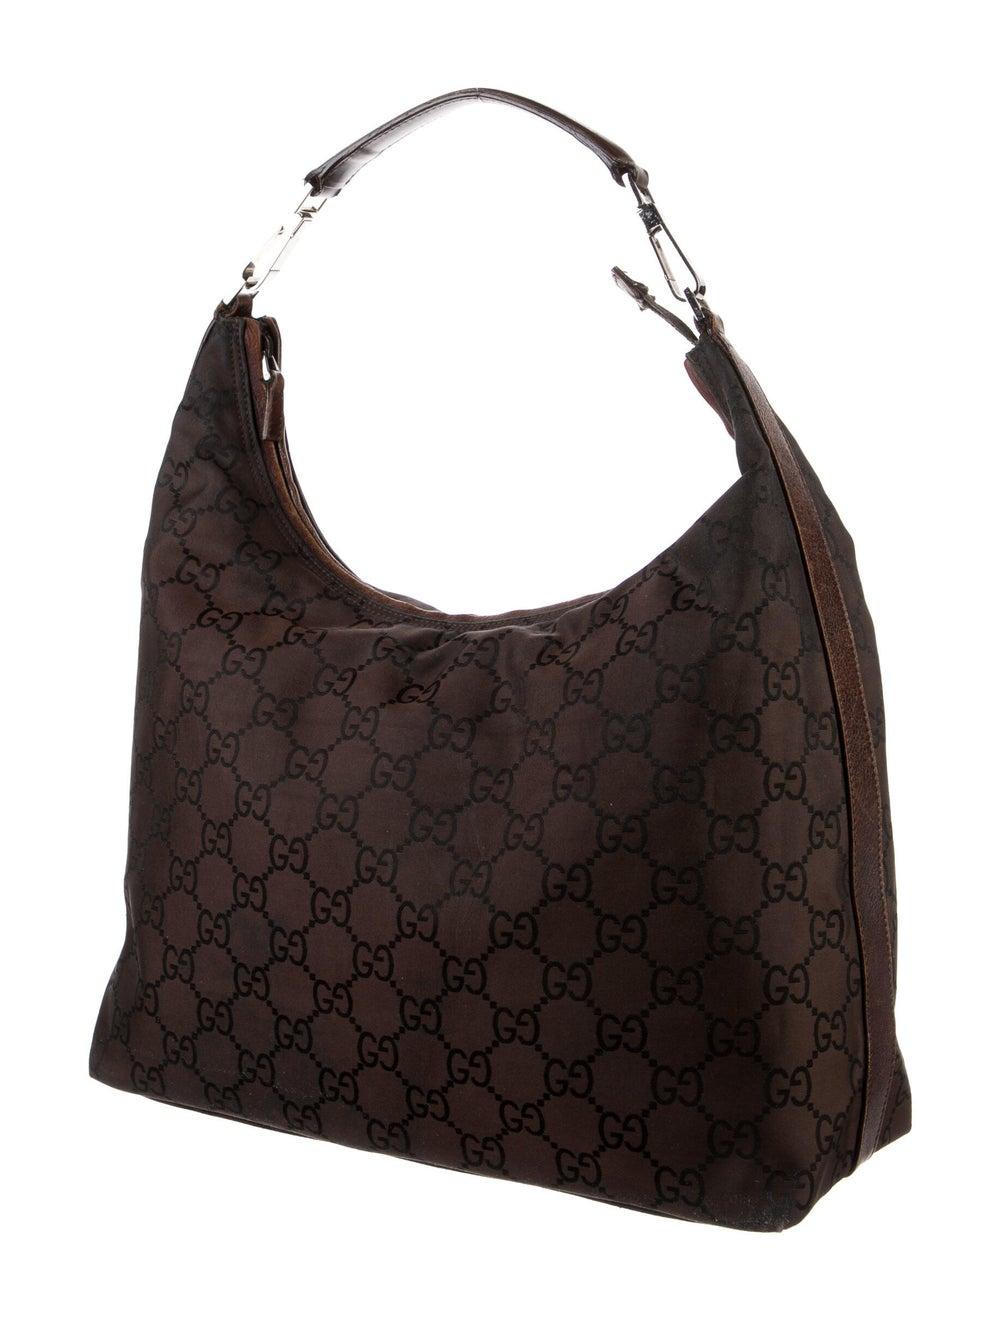 Gucci Leather Diana Shoulder Bag Gold - image 3